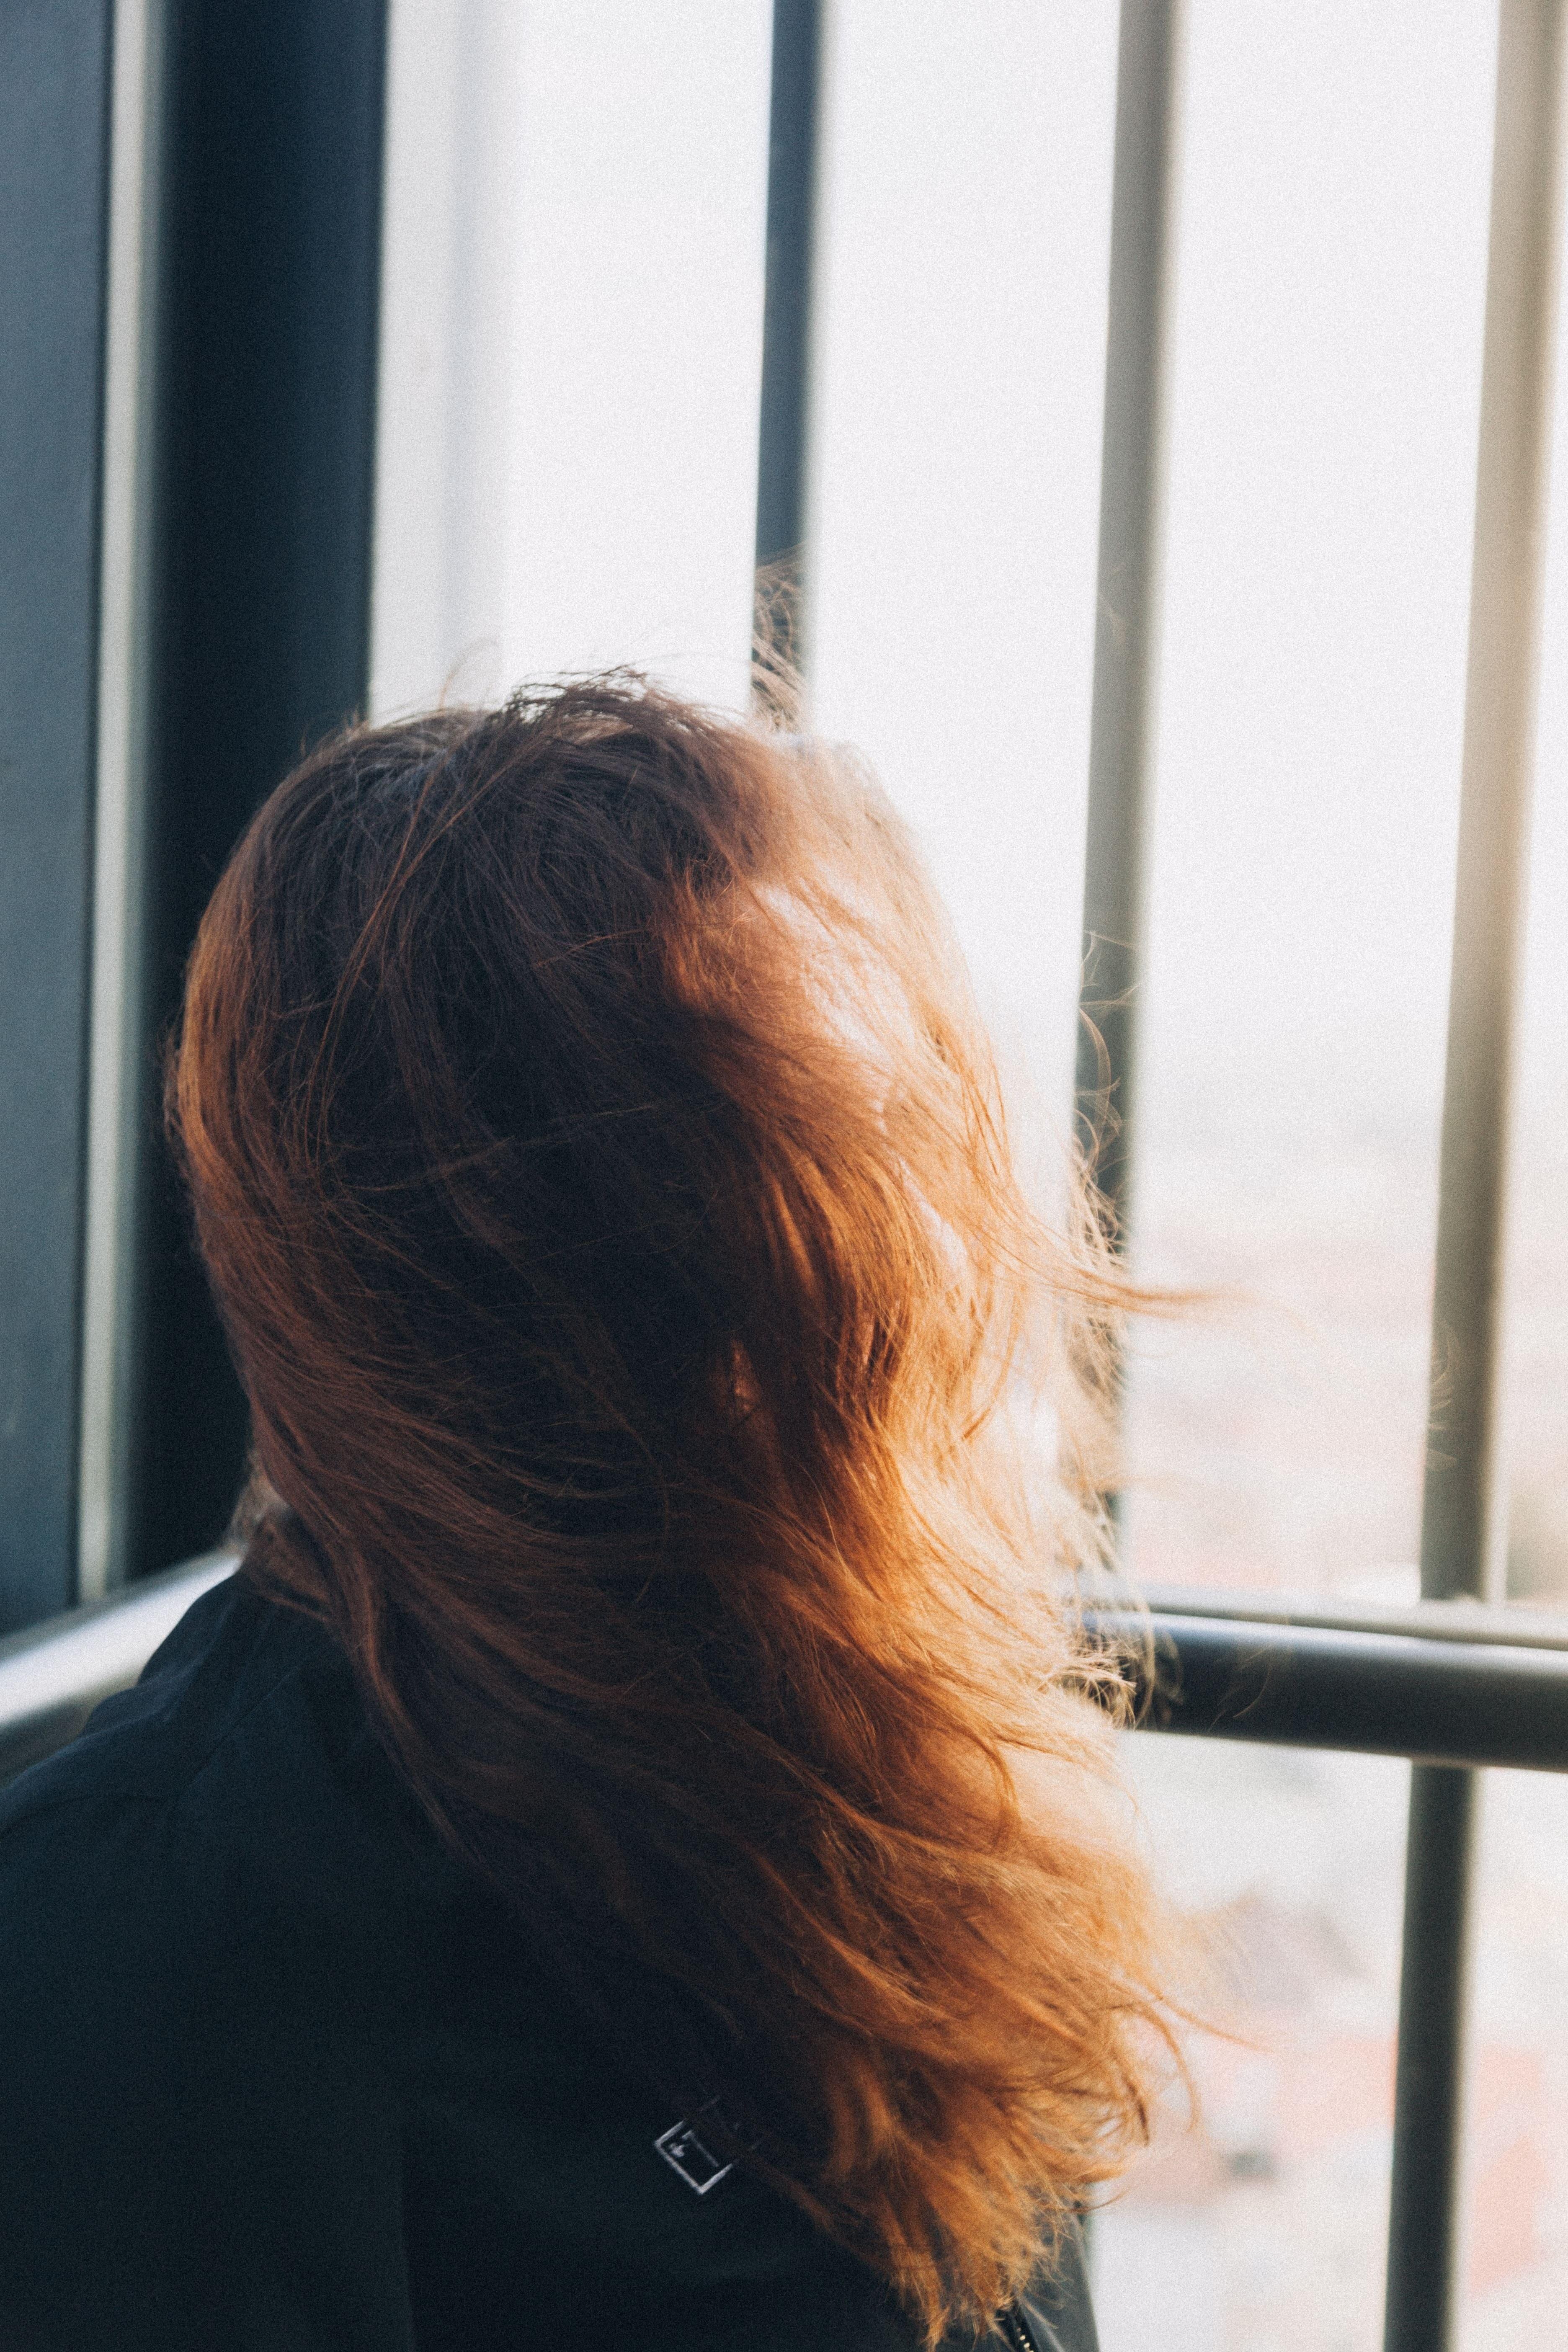 Льняное масло для волос: полезные свойства и рецепты масок